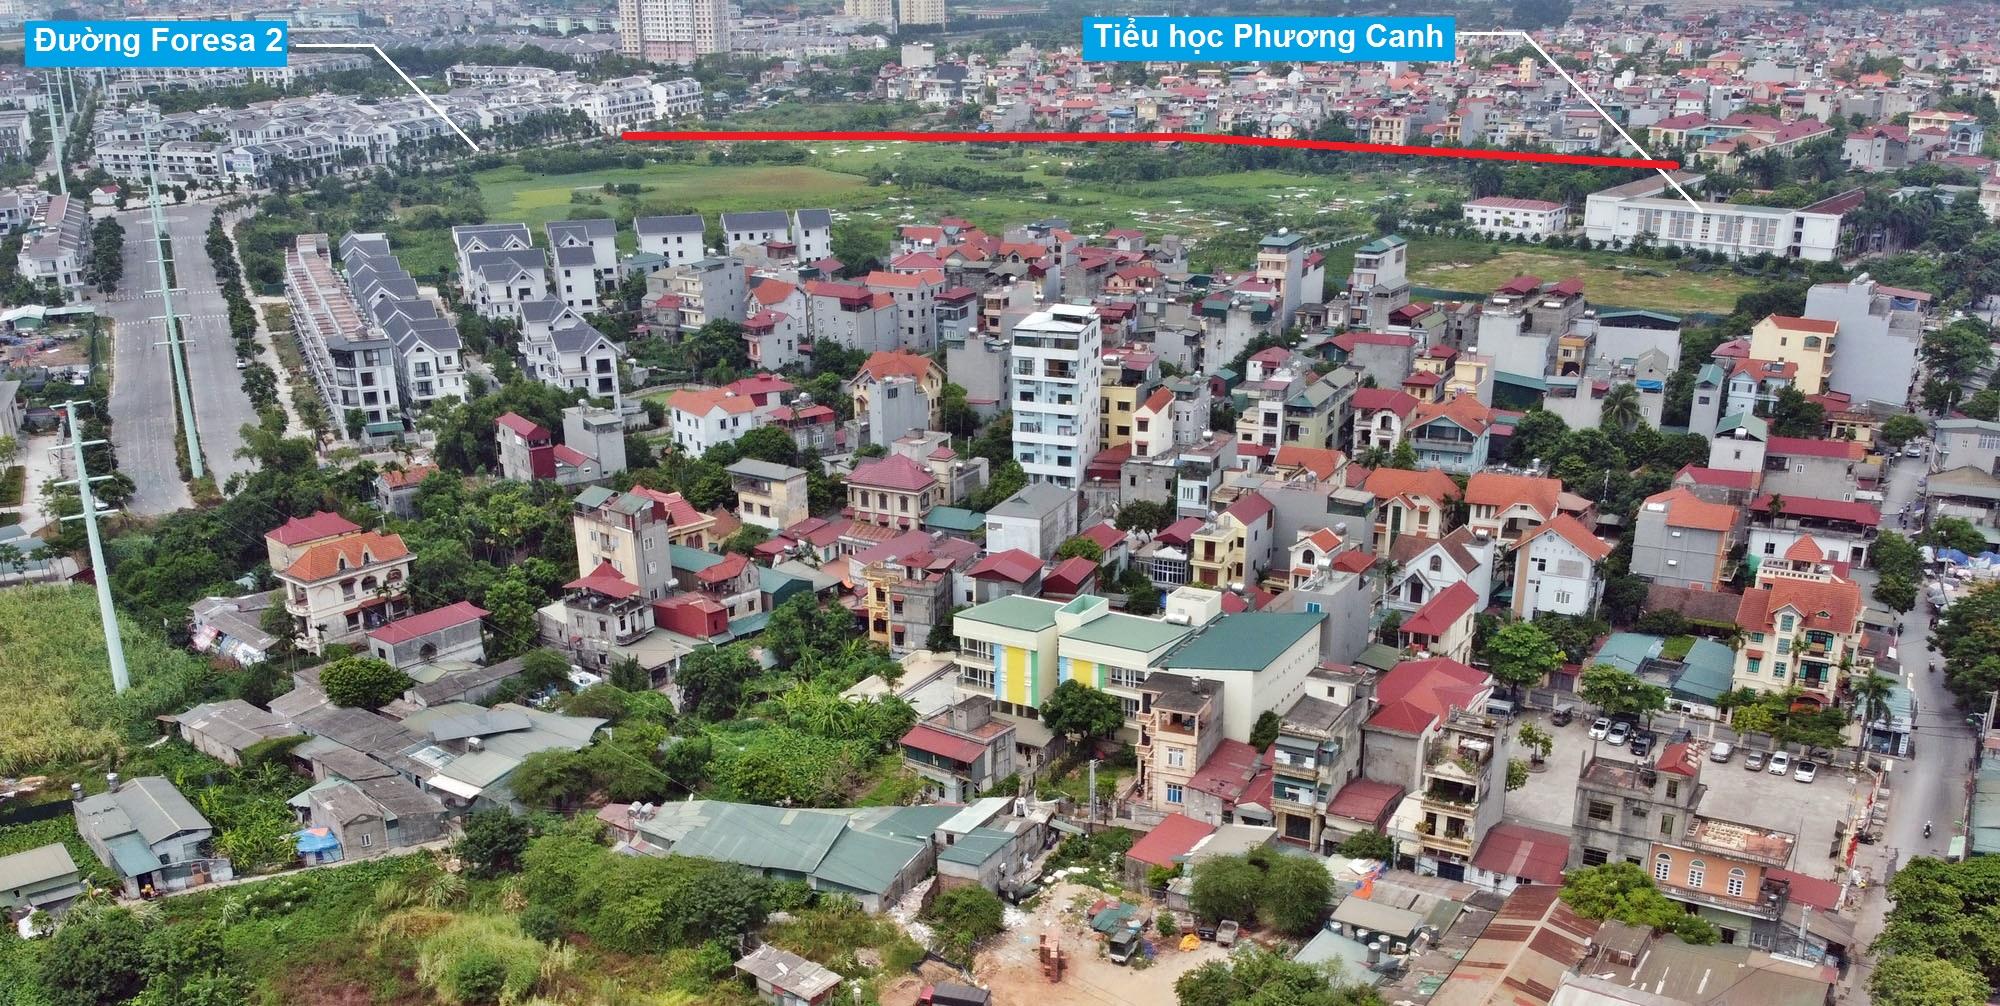 Ba đường sẽ mở theo qui hoạch ở phường Xuân Phương, Nam Từ Liêm, Hà Nội (phần 2) - Ảnh 16.